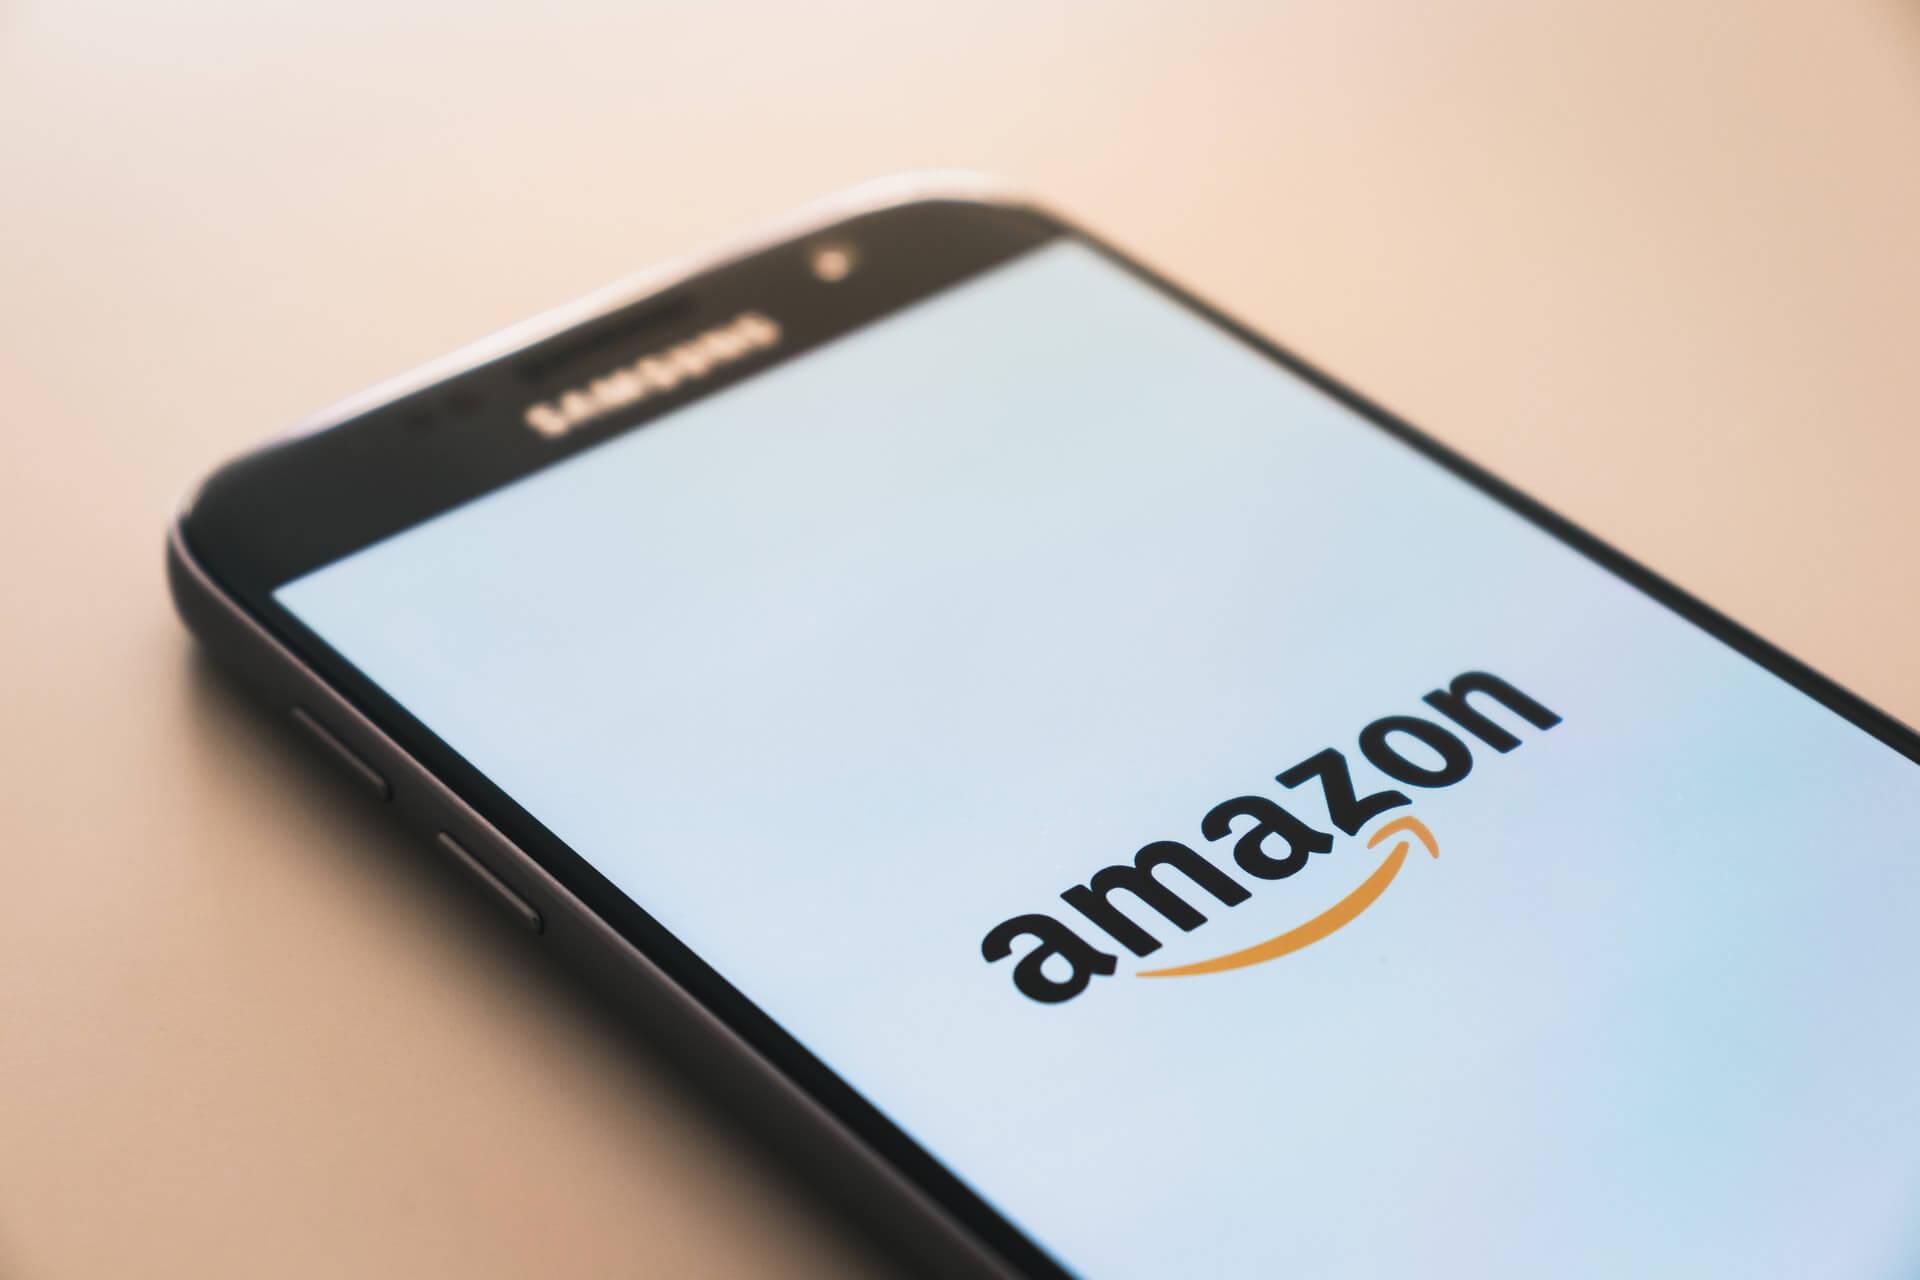 Amazonが表示されたスマホ